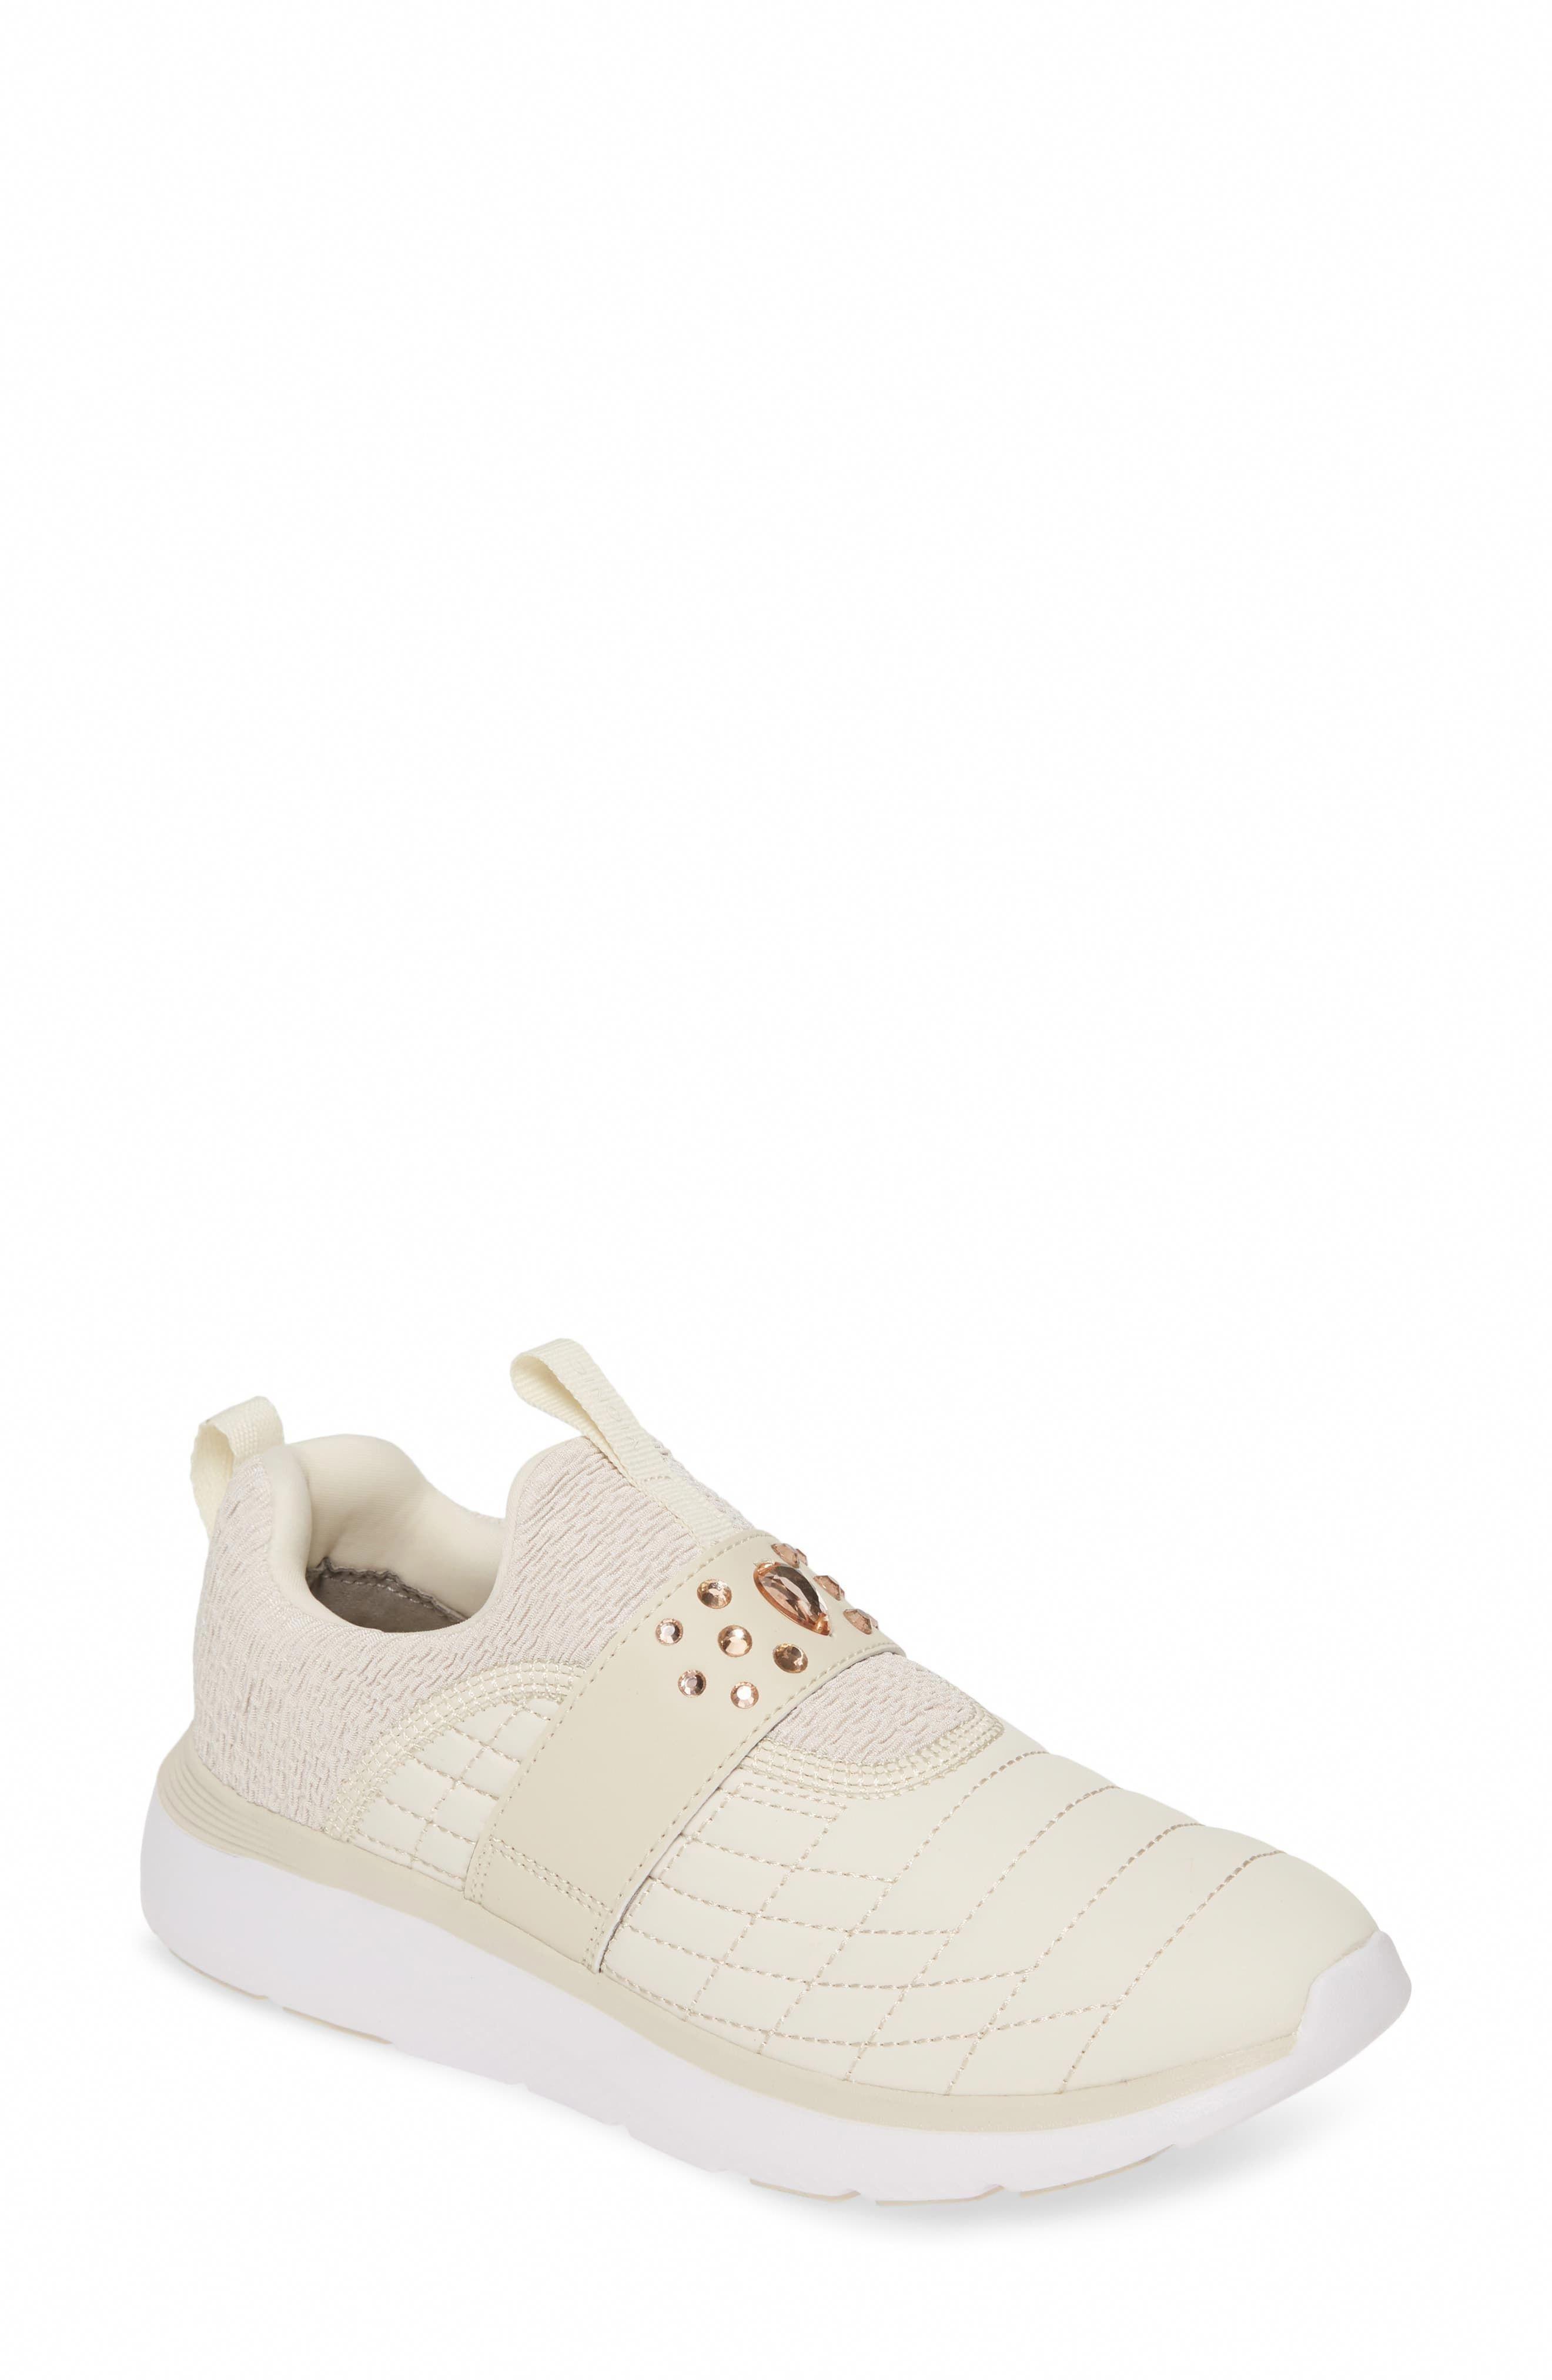 Drop Shipping Womens Shoes